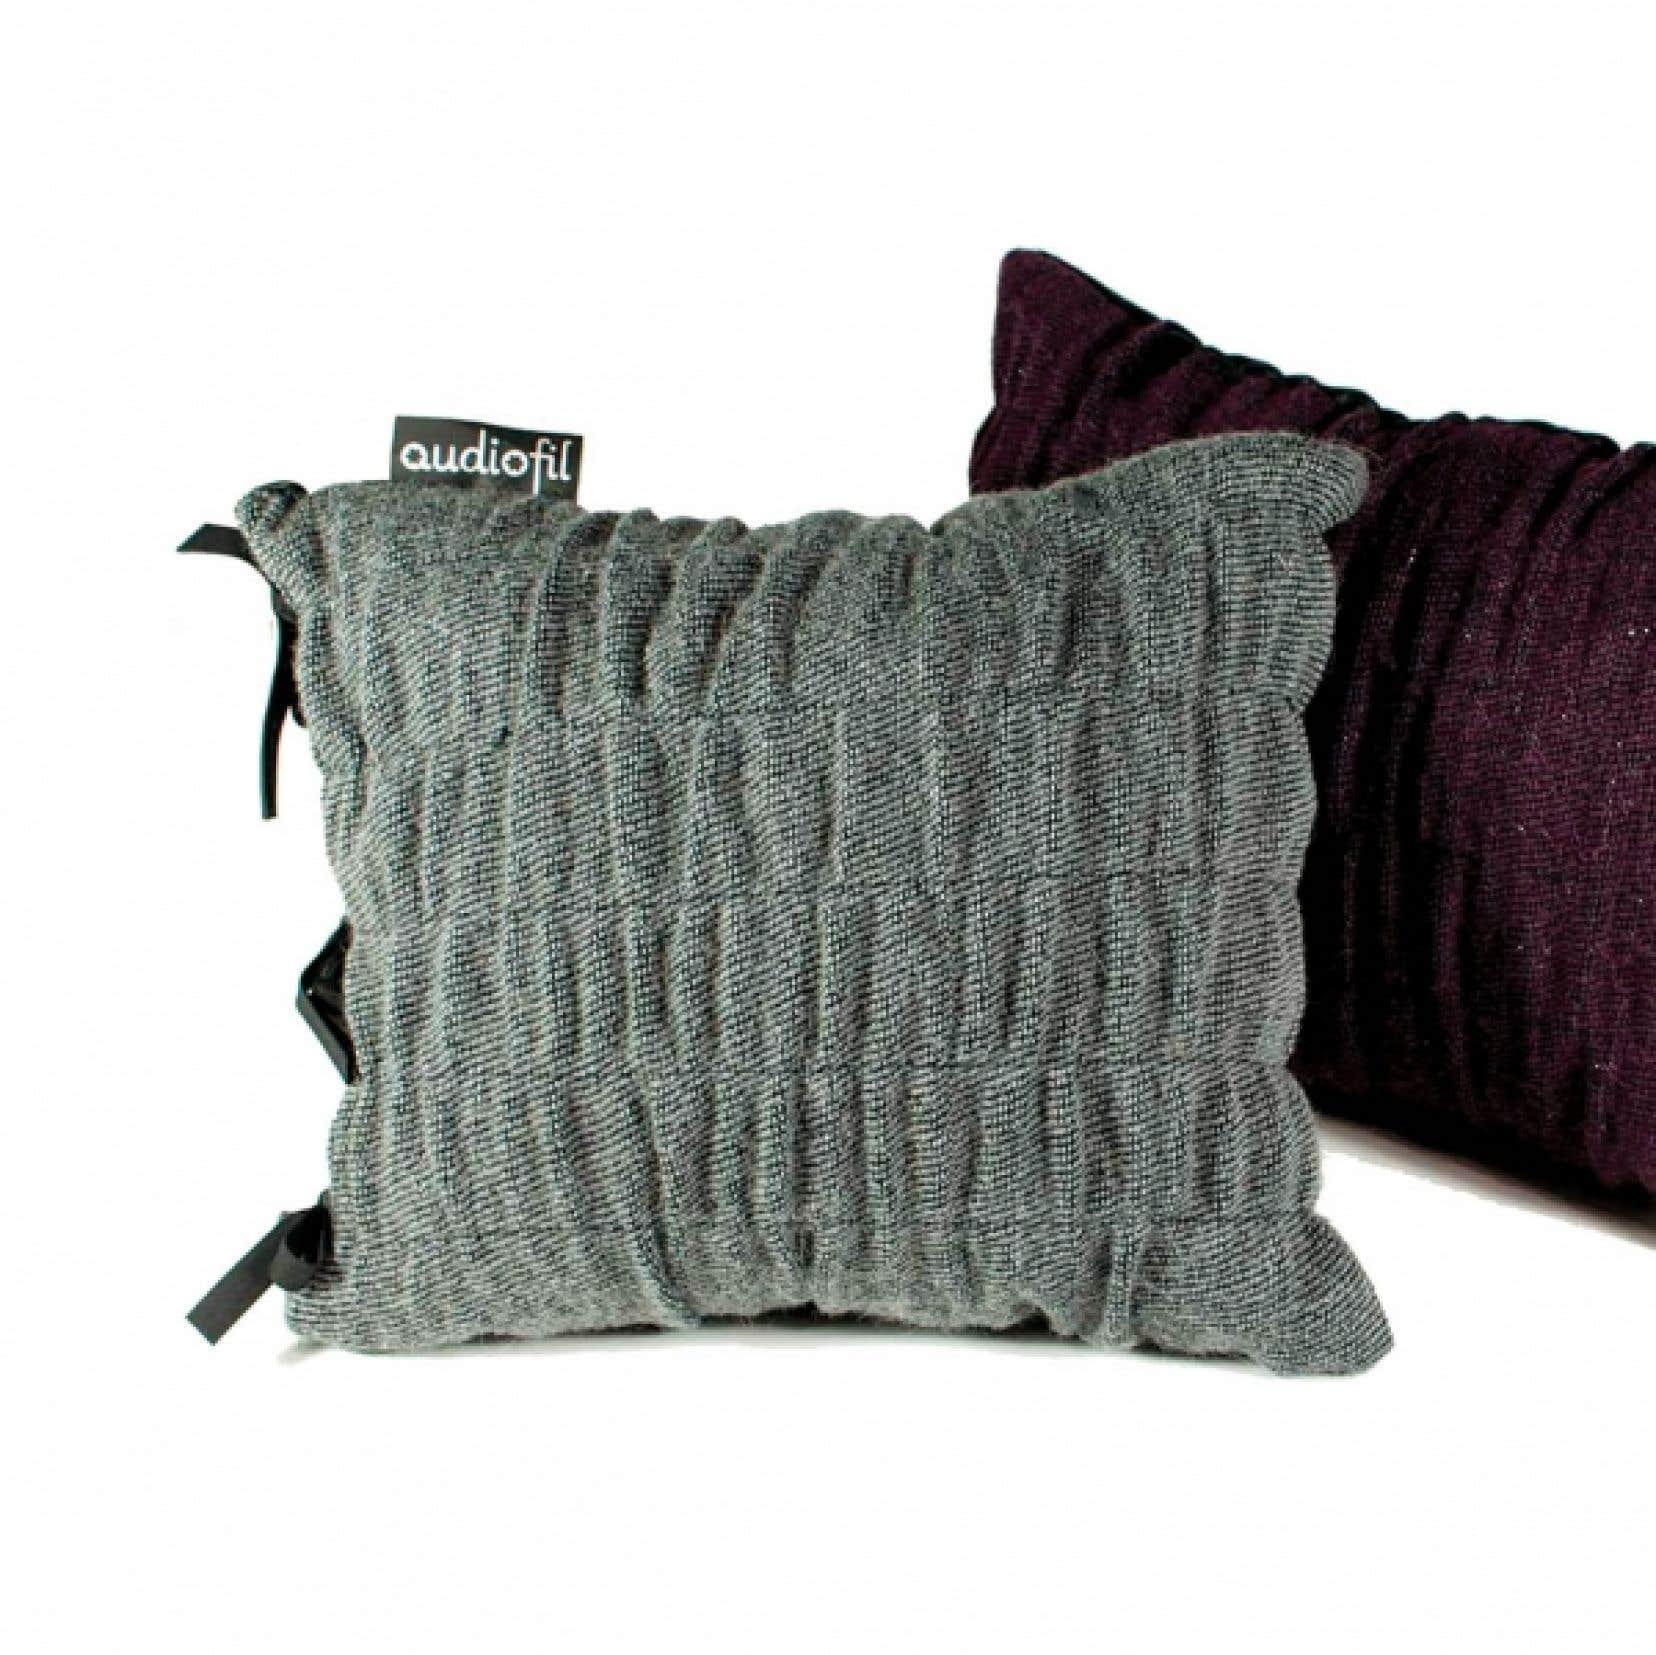 A la galerie Monde Ruelle cet automne, les oeuvres de la conceptrice textile Val&eacute;rie B&eacute;dard. <br />